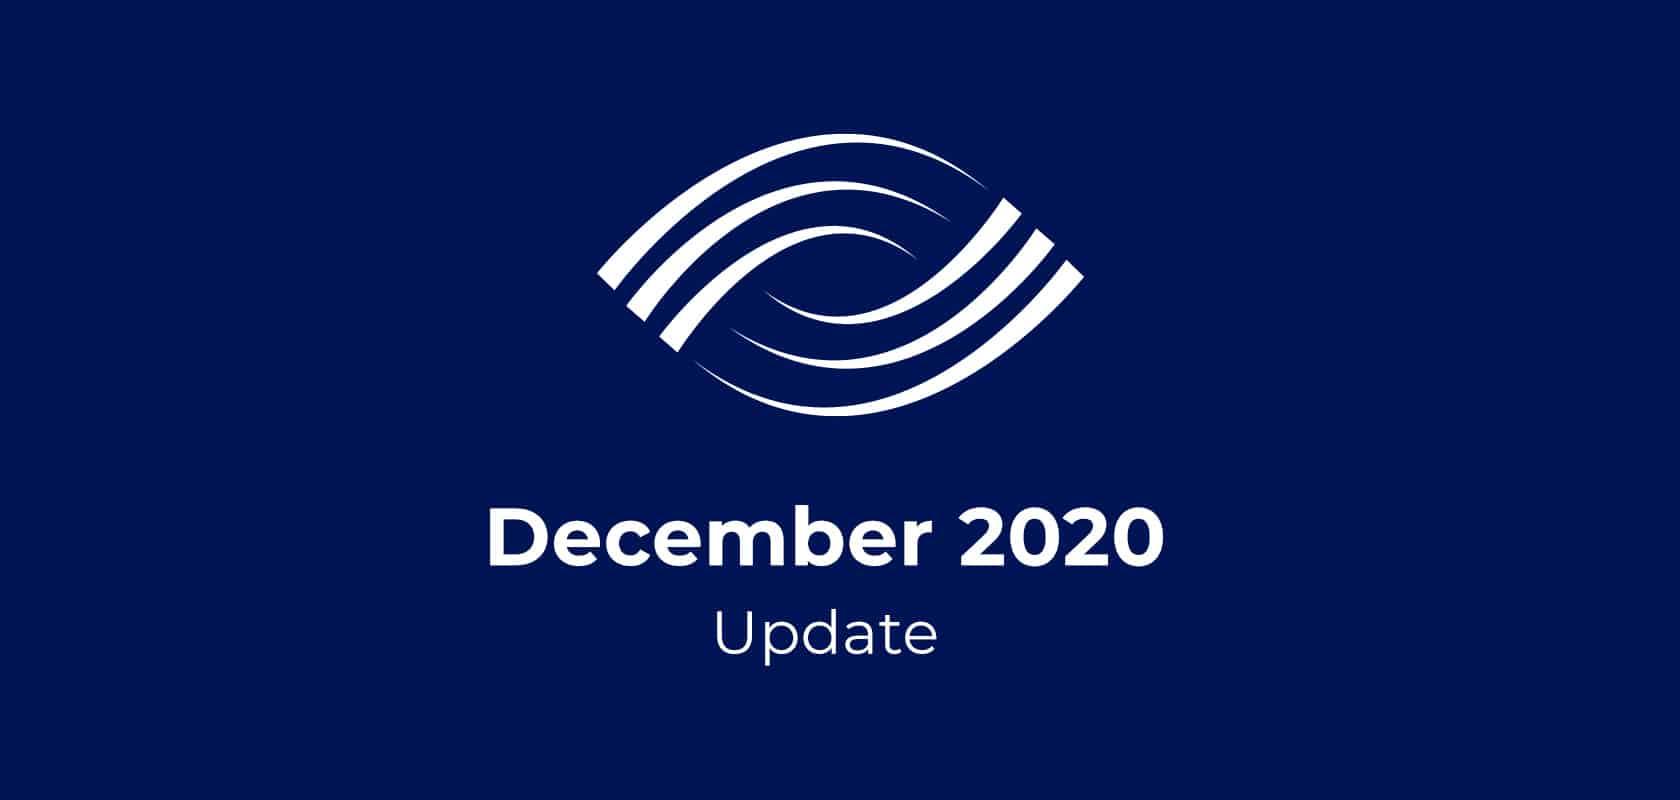 VDM Project Update: December 2020